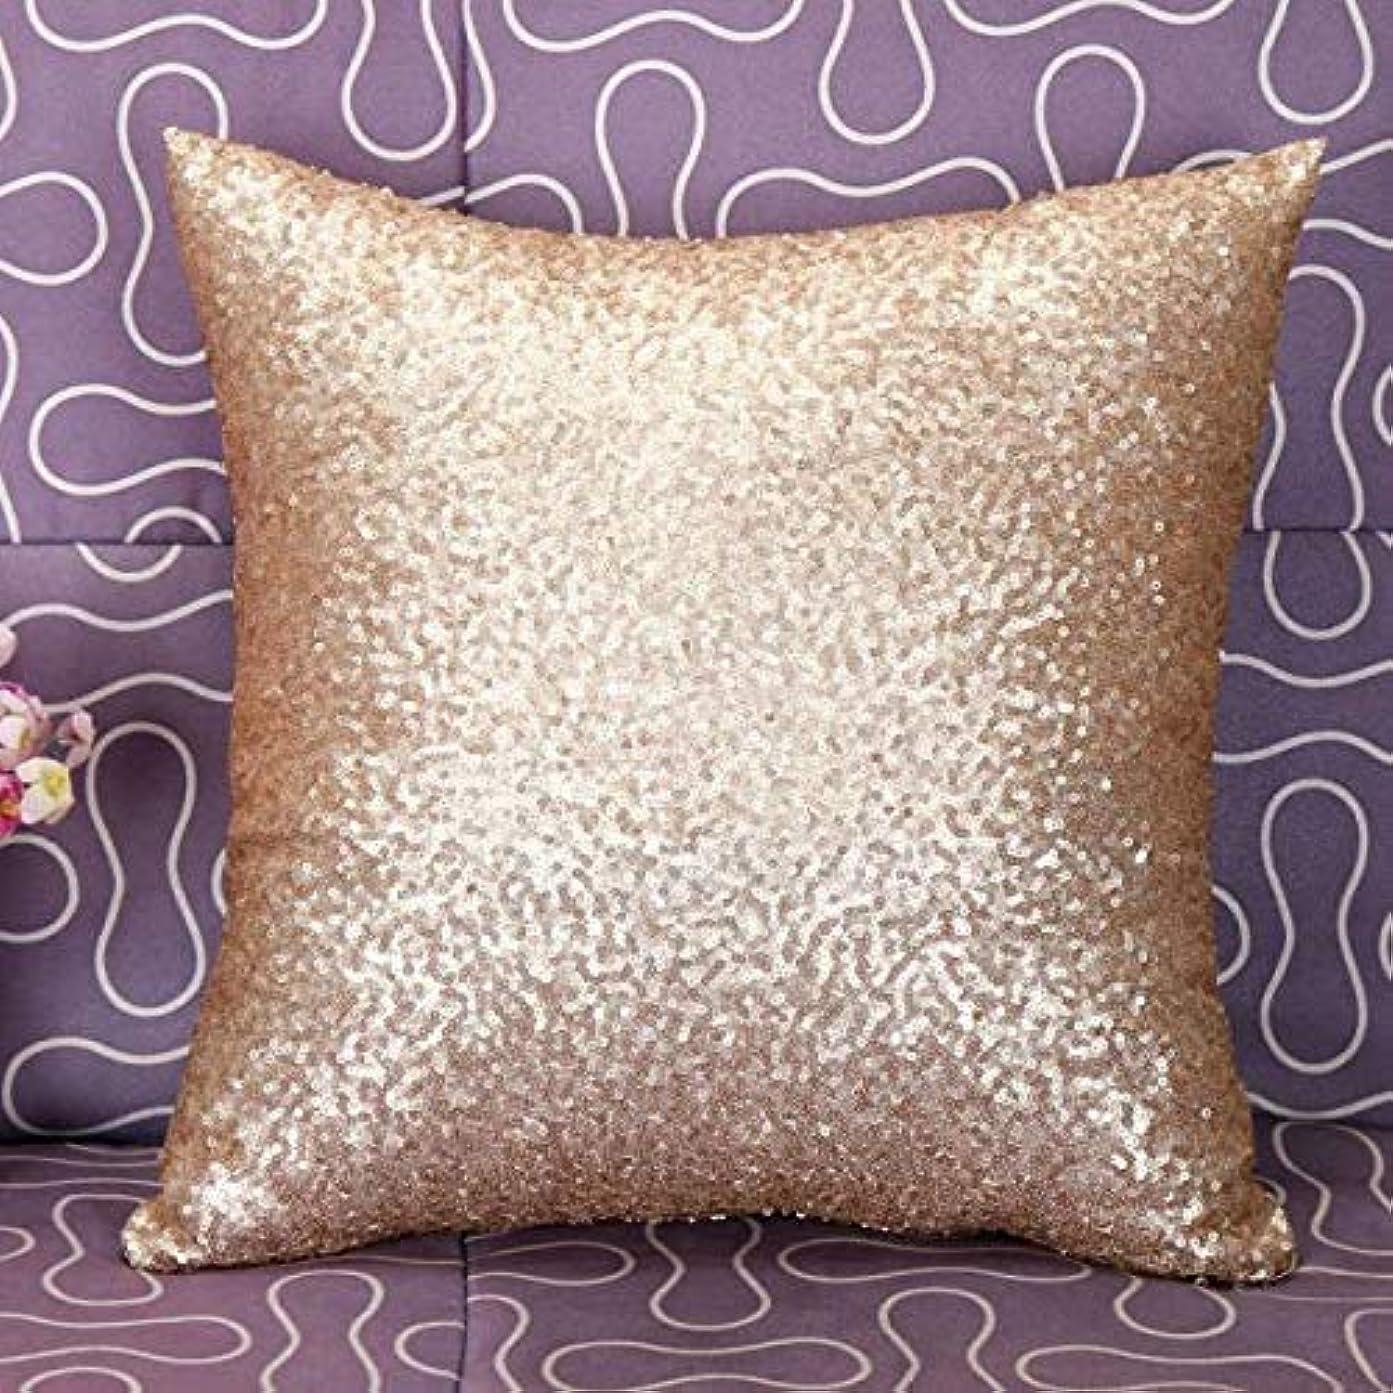 副詞自動的に森LIFE 枕カバー無地グリッターシルバースパンコールブリンブリンスローカフェ家の装飾クッション装飾 D1 クッション 椅子